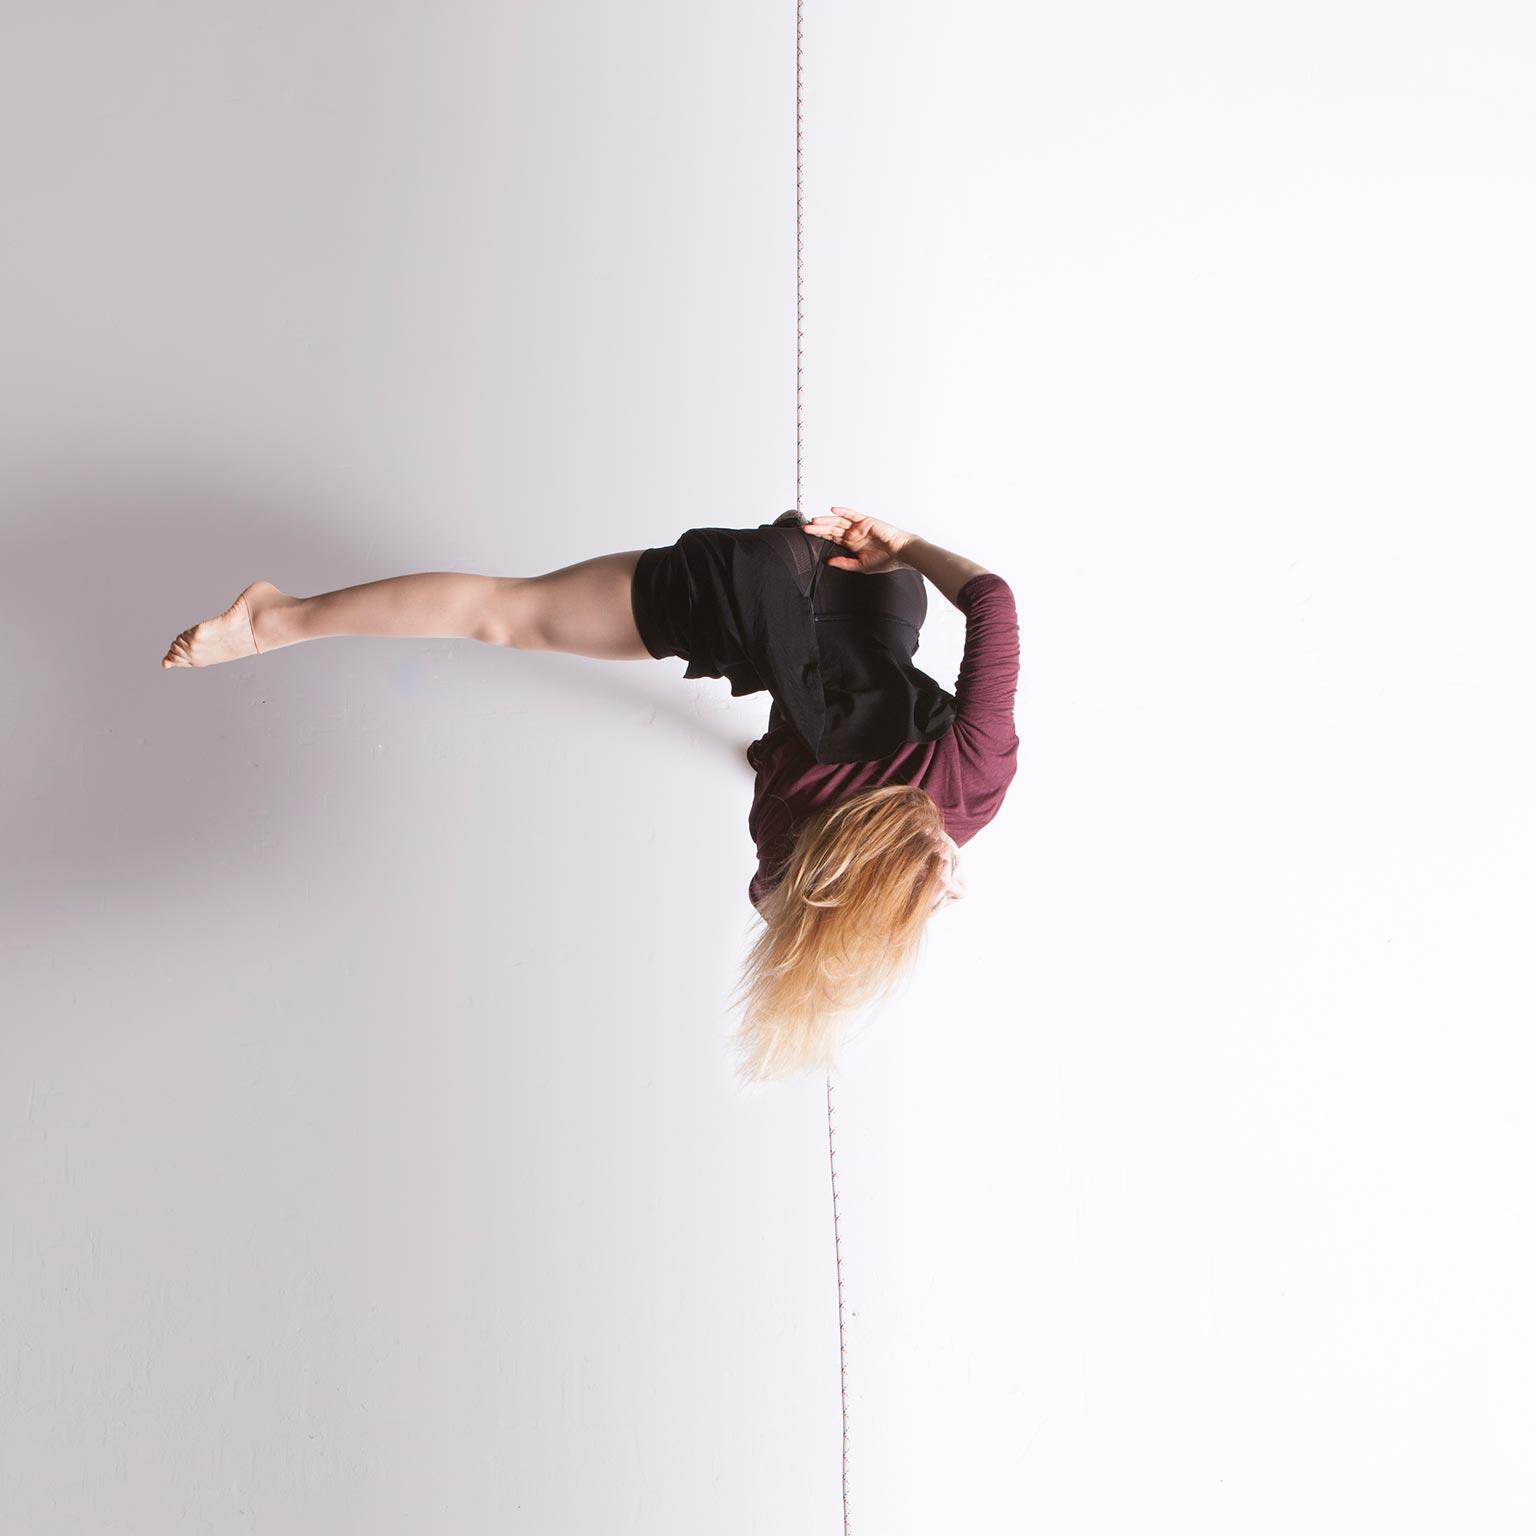 Iniciación a la Danza Vertical